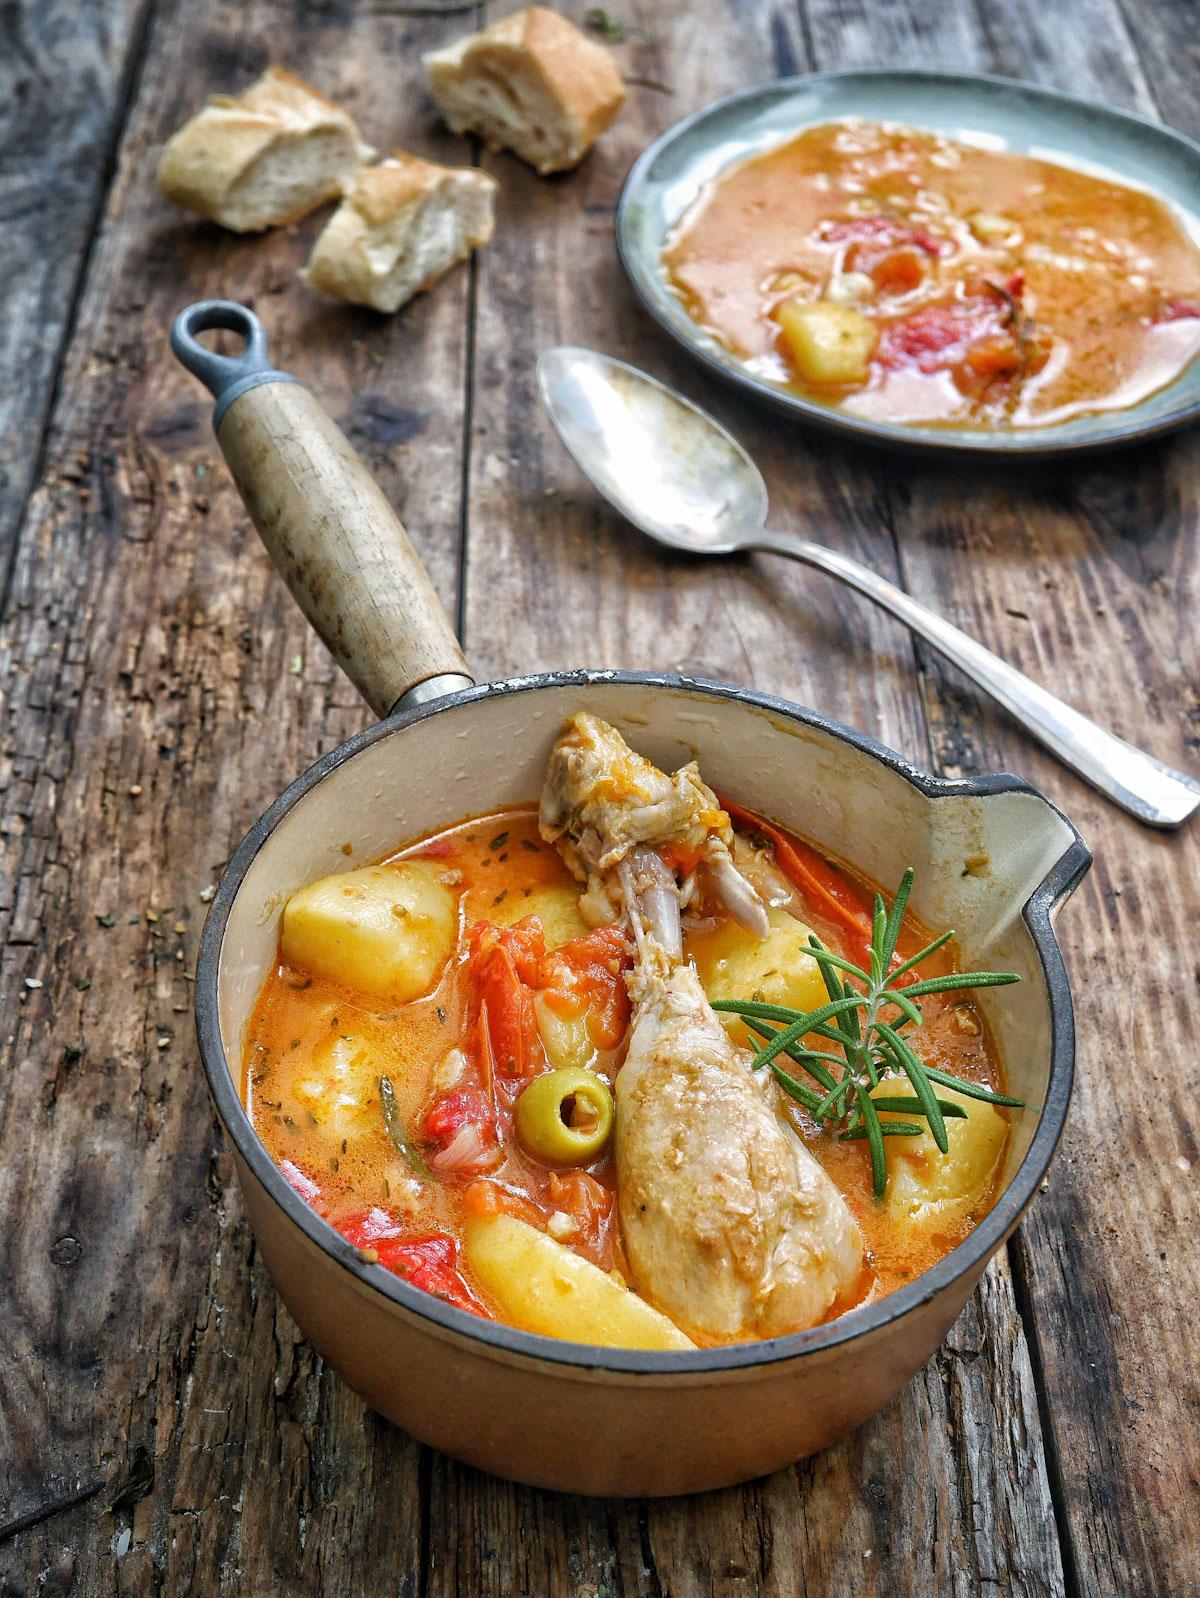 casserole en fonte avec un ragout de pommes de terre au poulet